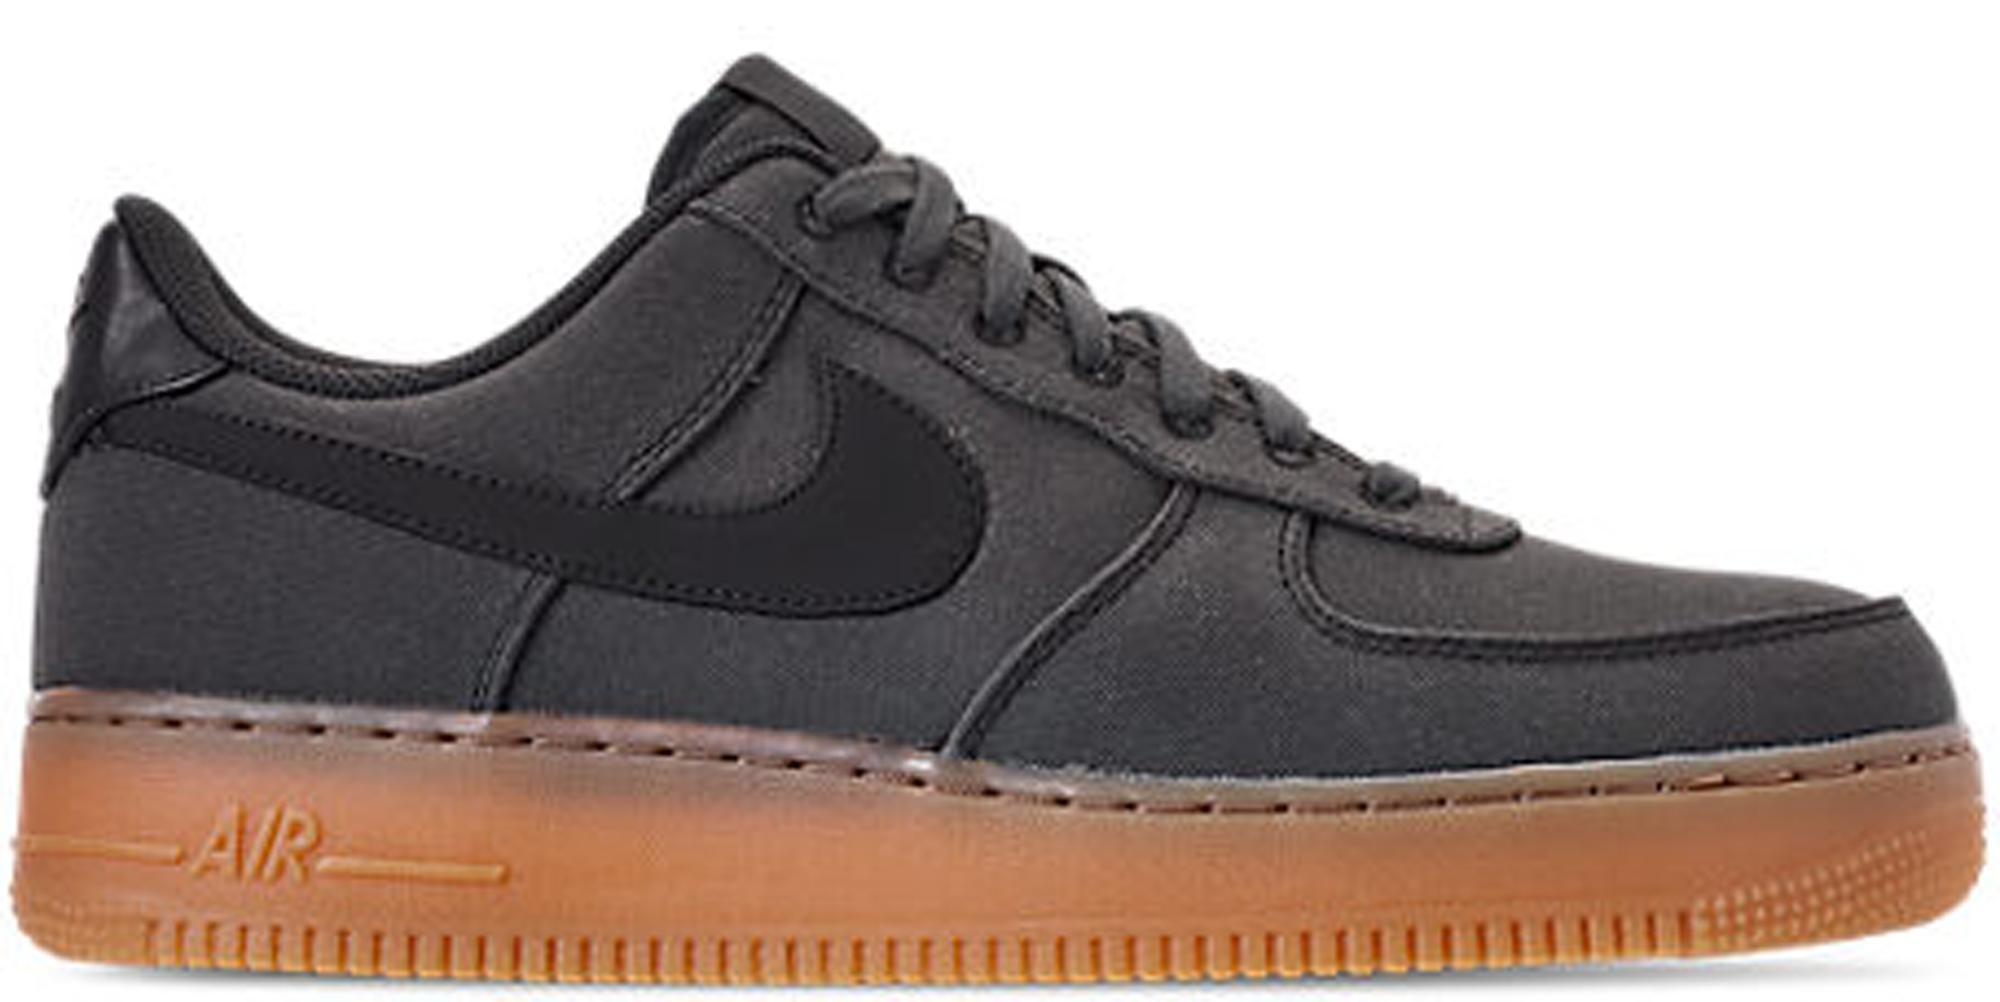 Nike Air Force 1 Low '07 Black Gum